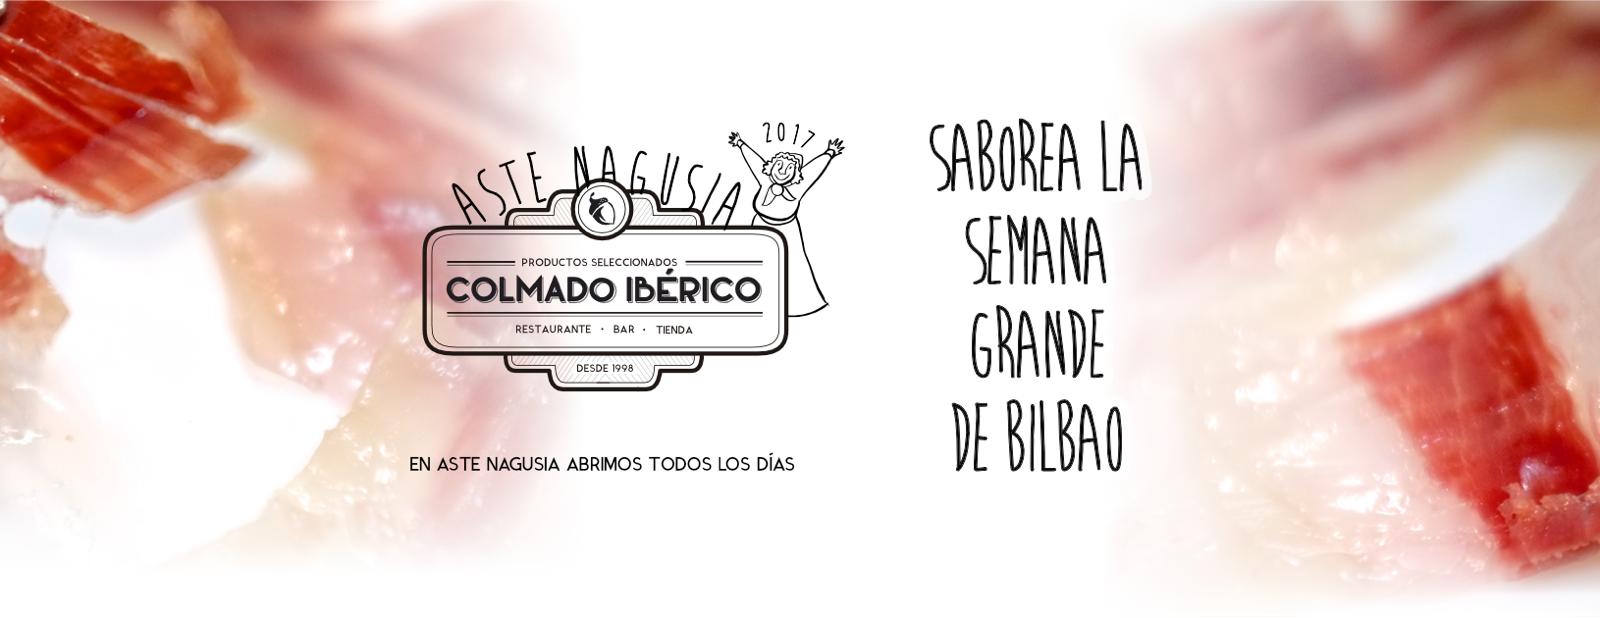 Saborea la Semana Grande de Bilbao